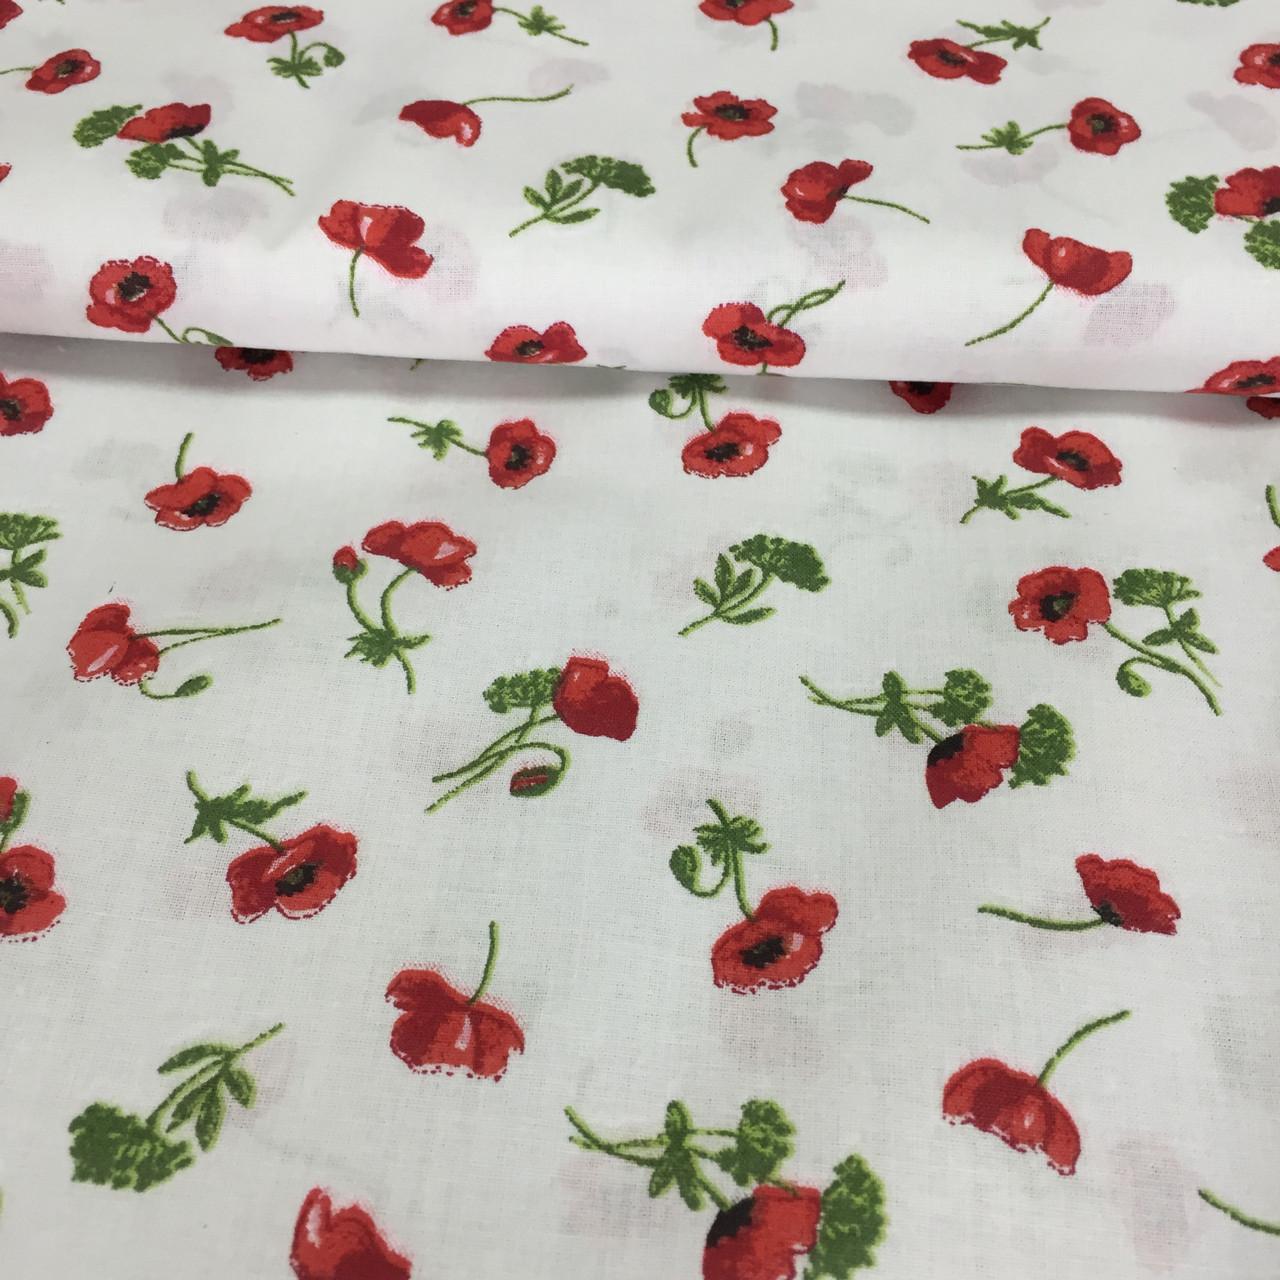 Ткань с мелкими красными маками на белом фоне, бязь, хлопок, ширина 145 см, фото 1